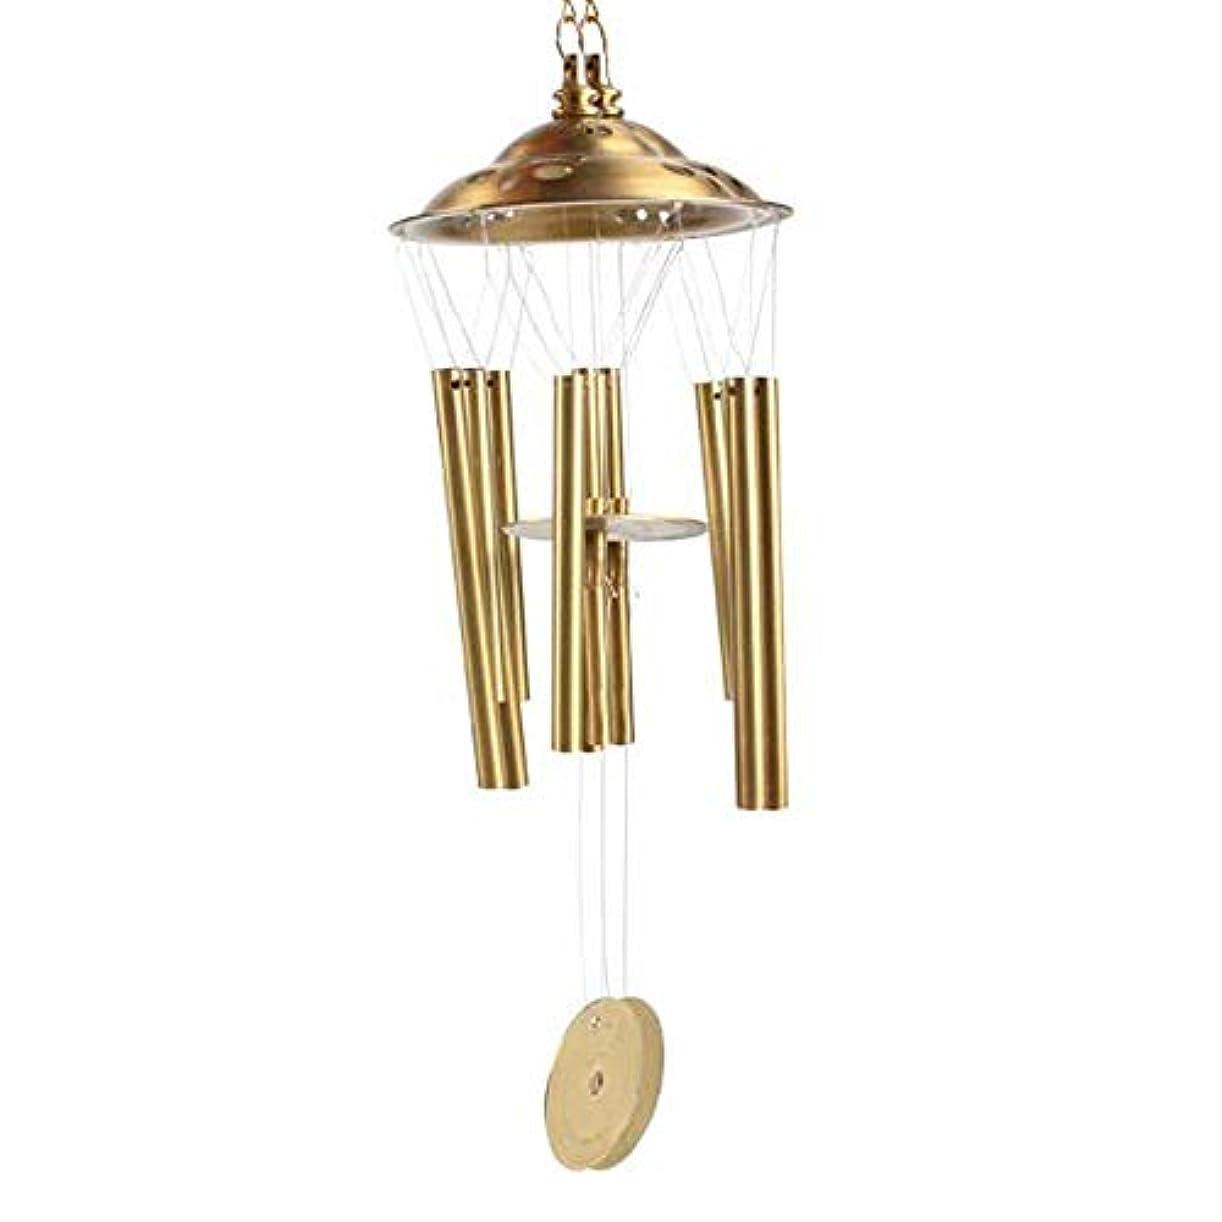 ラインナップ休日突っ込むYougou01 風チャイム、銅6チューブ風チャイム、ゴールド、全身約2.5インチ 、創造的な装飾 (Size : 3 inches)